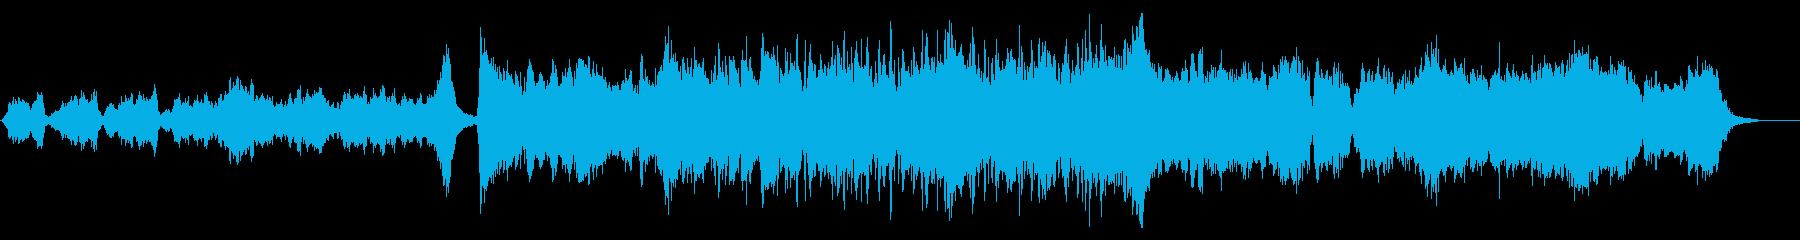 トレイラー向けメロディアスで壮大な曲の再生済みの波形